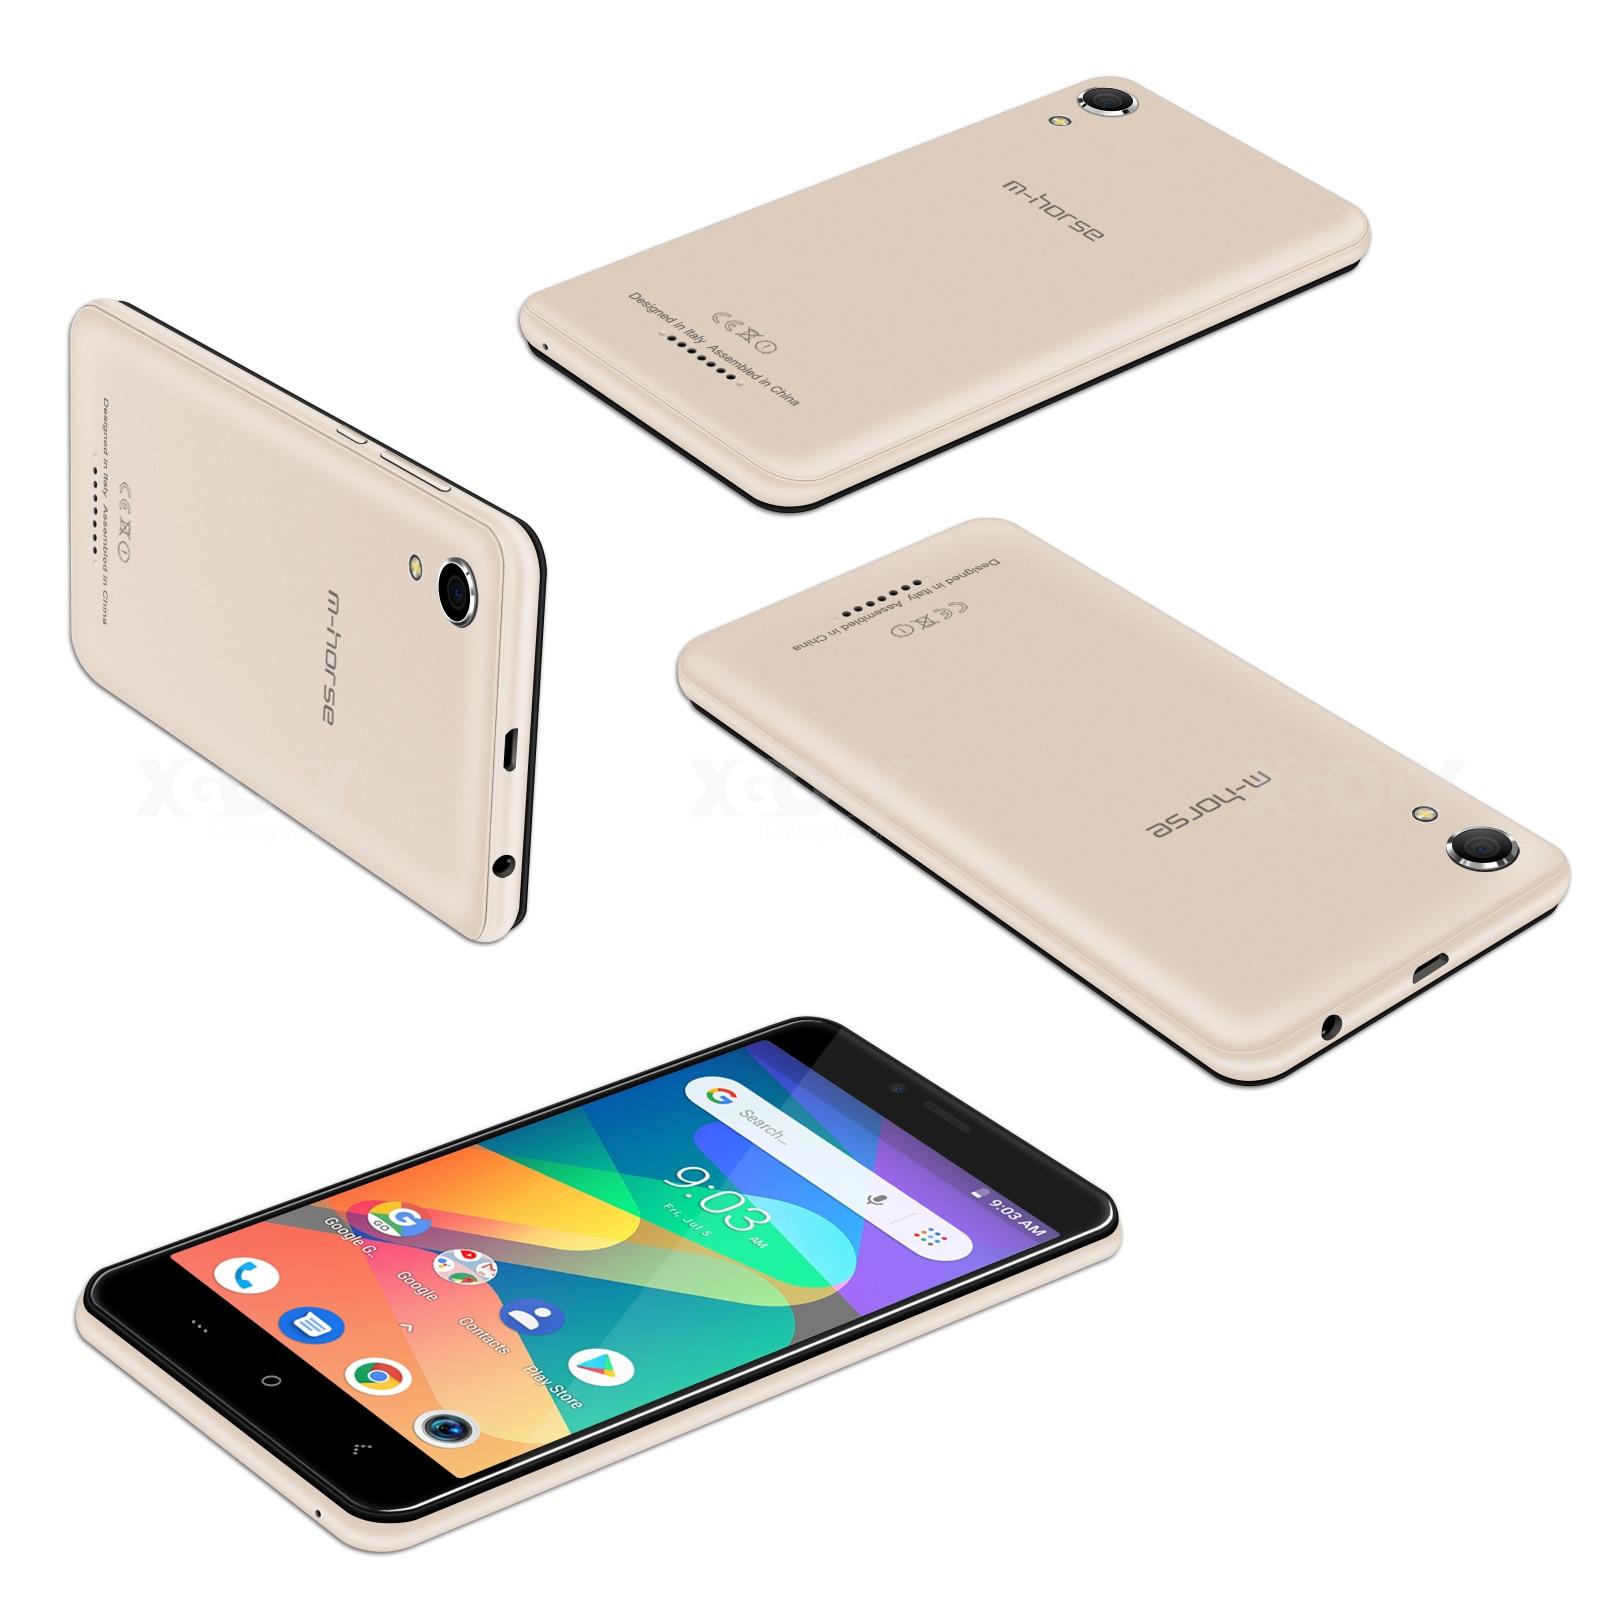 M-HORSE téléphone portable MTK6580 Quad Core Android 8.1 1GB RAM 8GB ROM 3G WCDMA 8.0MP 2000mAh double SIM Smartphone 5 pouces celulaire - 6